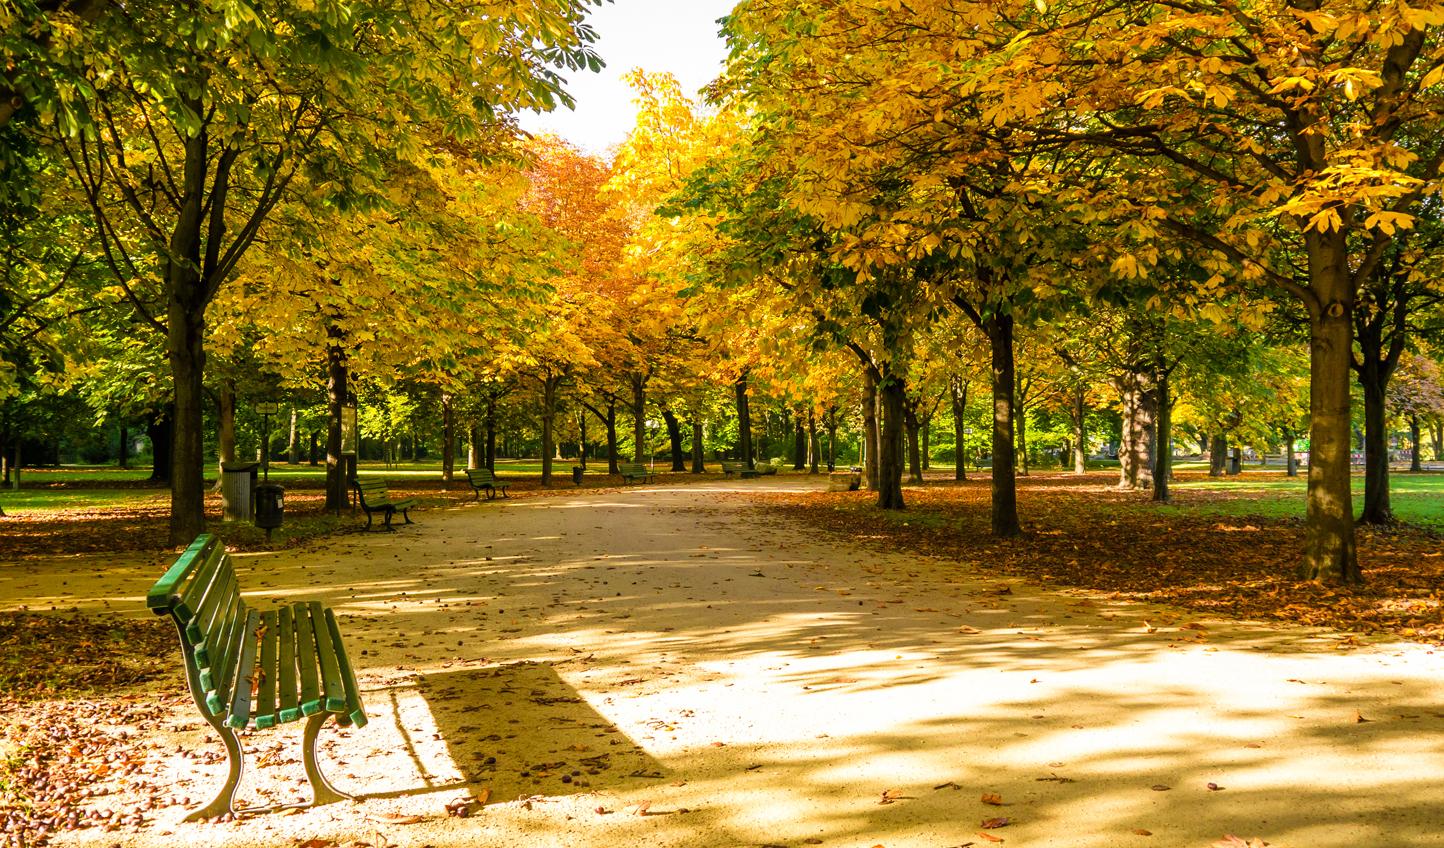 Enjoy a stroll through Tiergarten Park